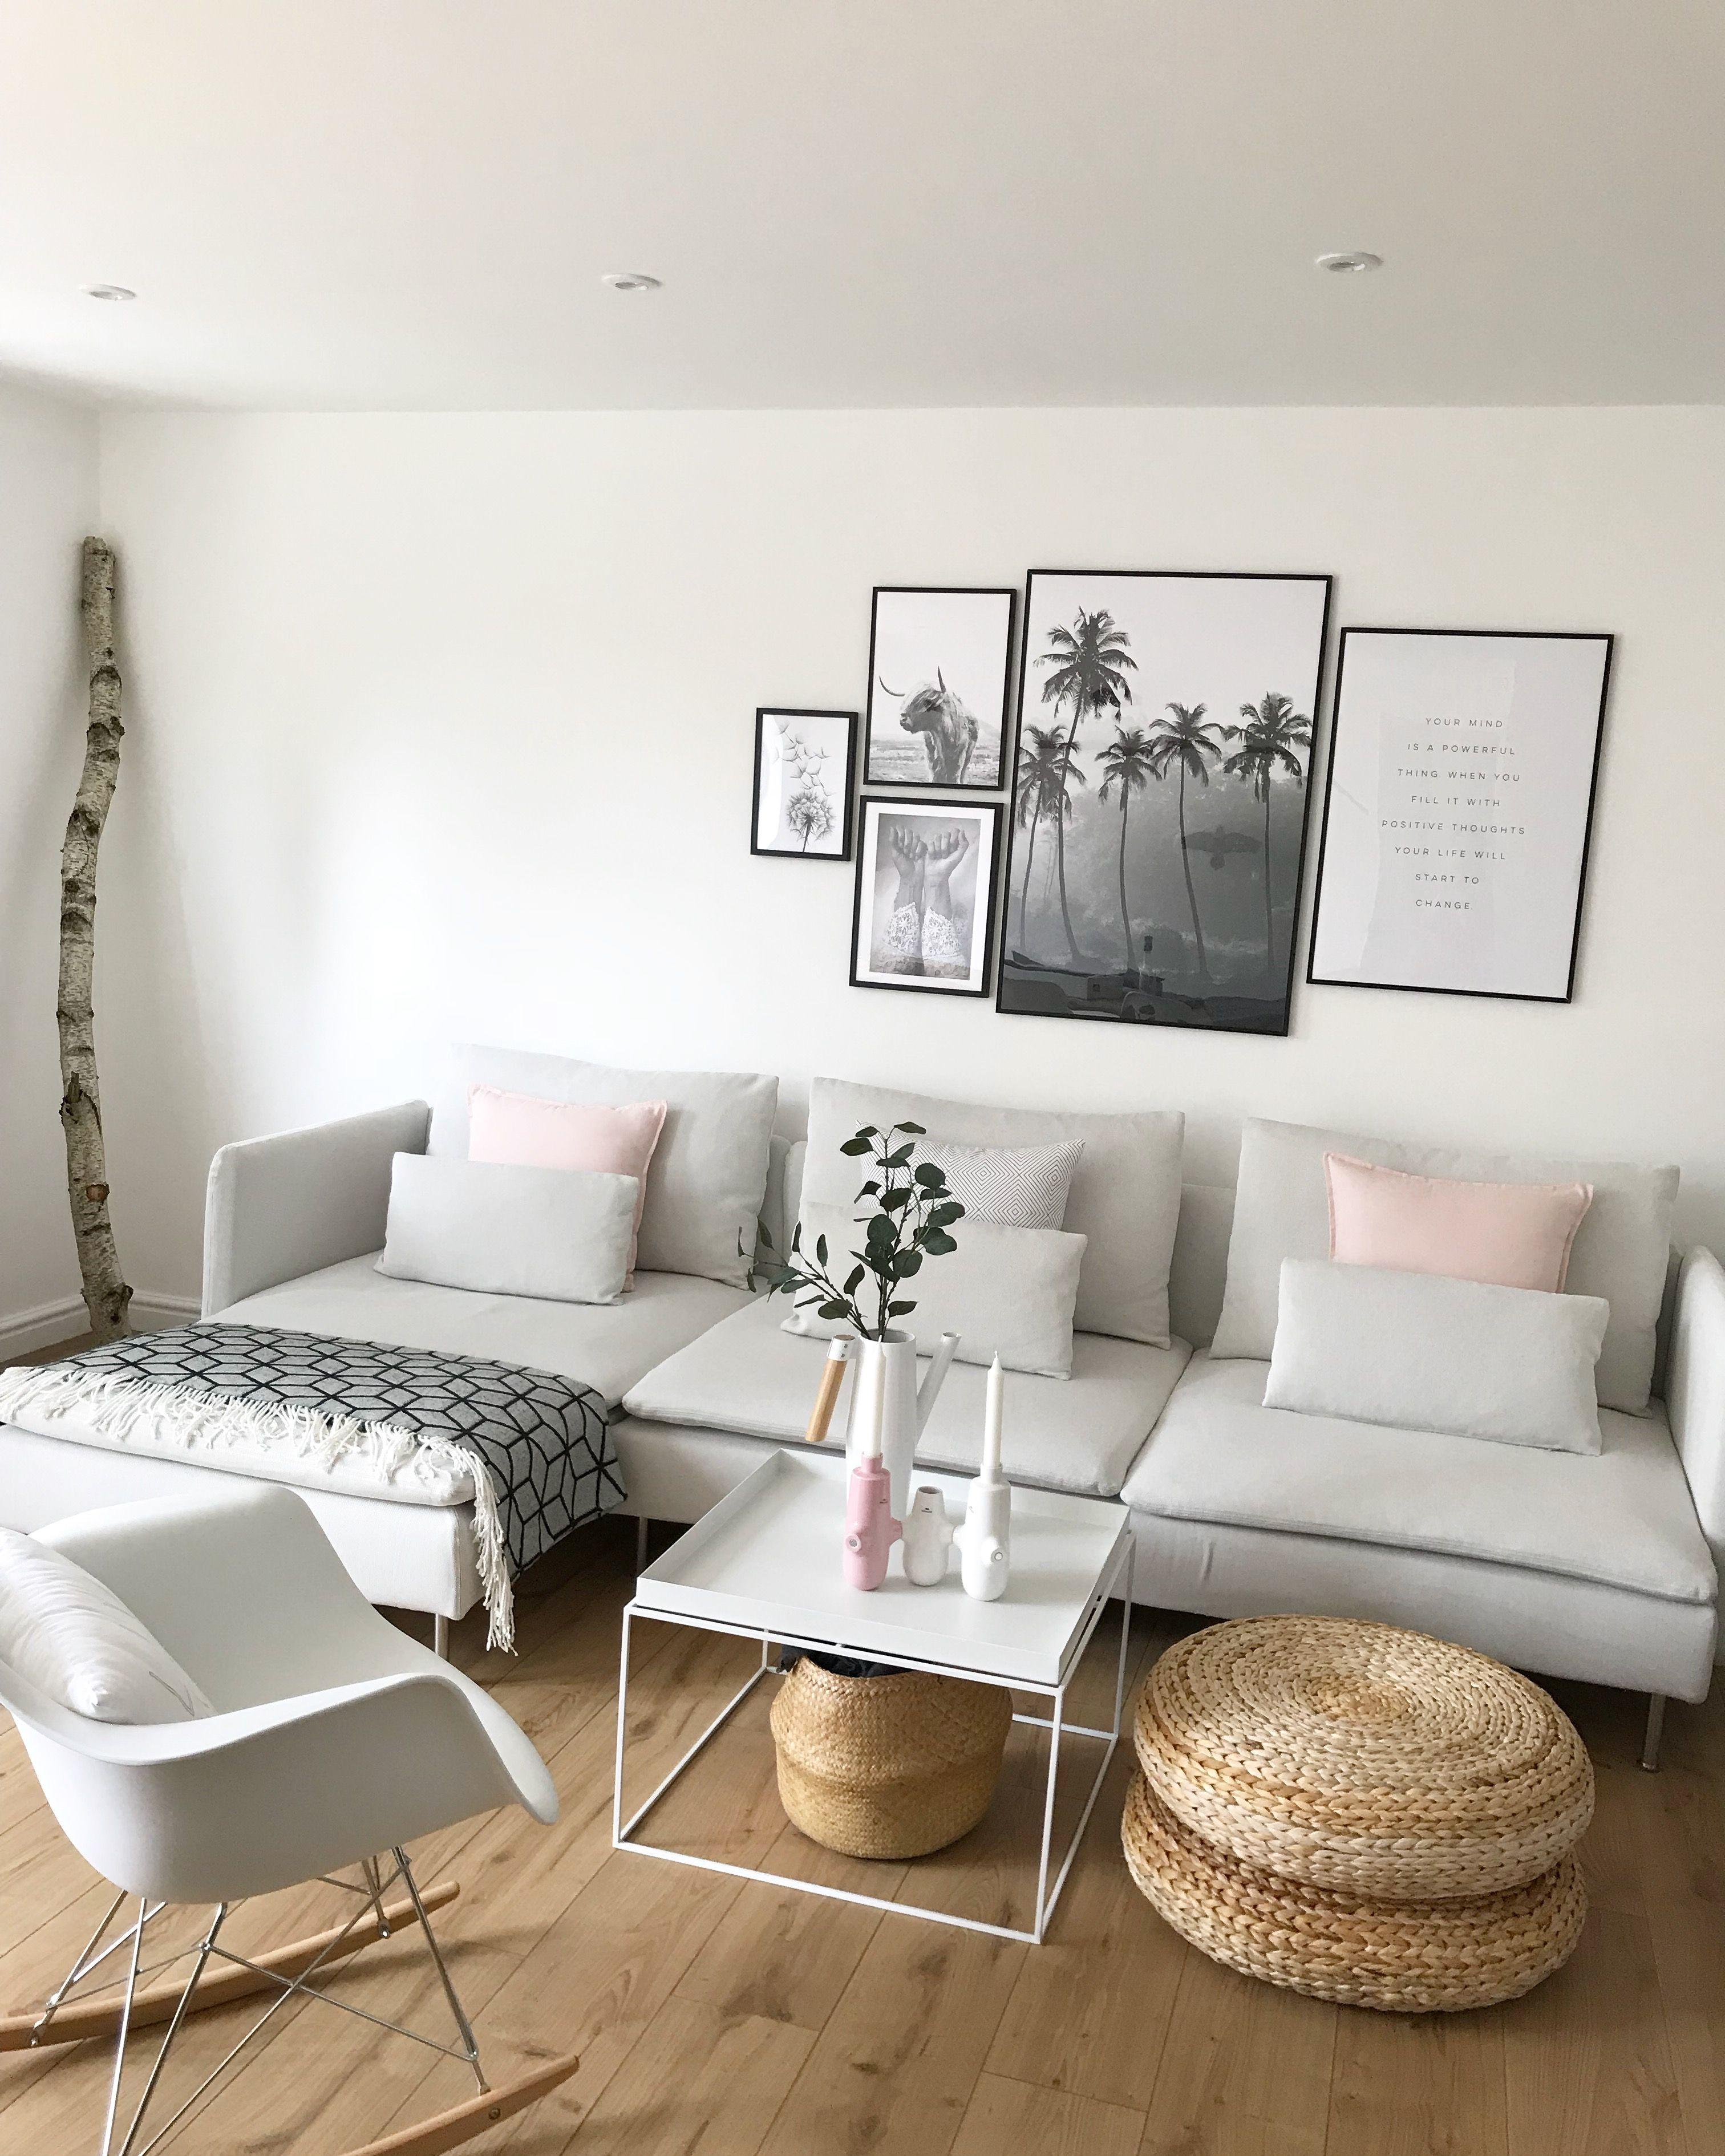 Pin Von 檳 香 Auf Design Studios Wohnzimmer Ideen Wohnung